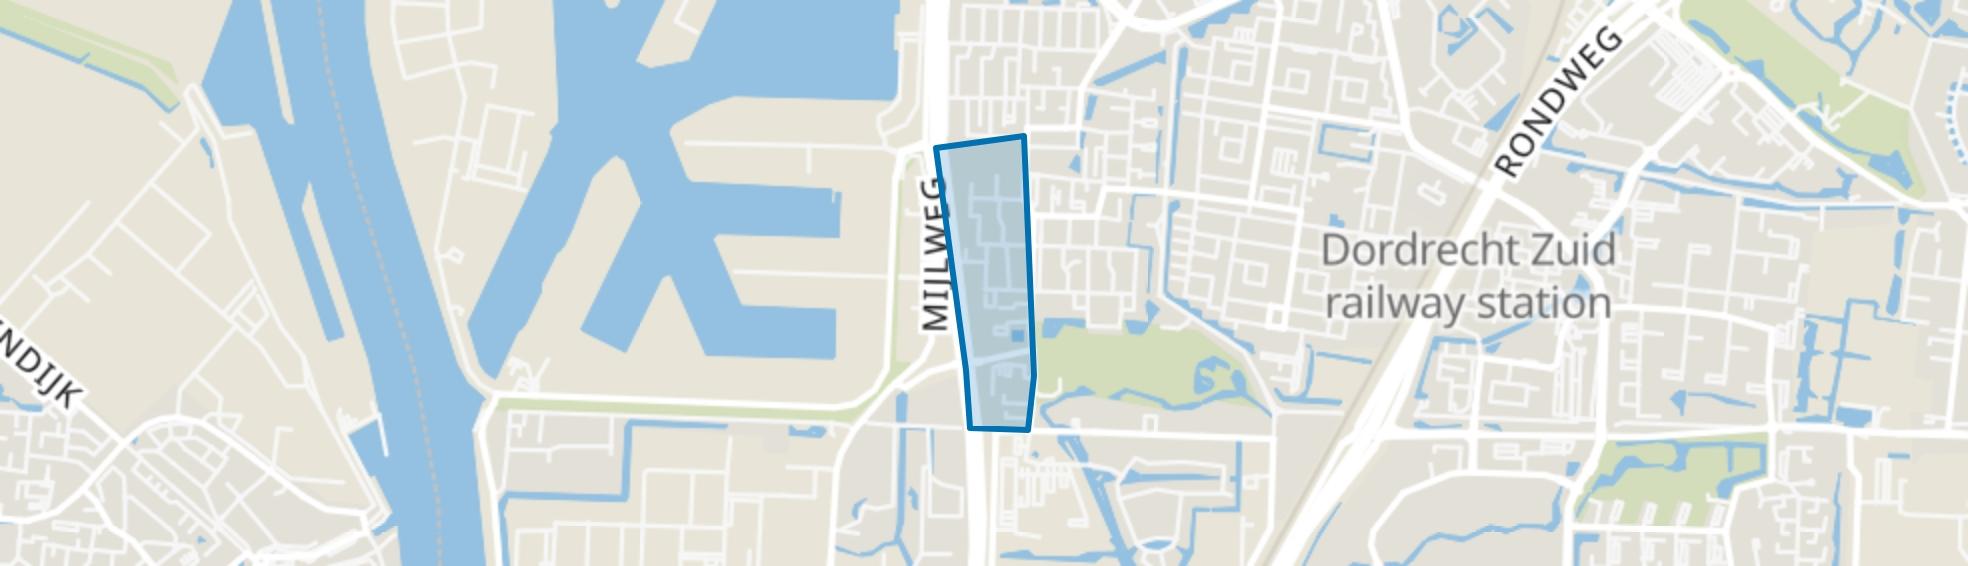 Cornelis Evertsenstraat en omgeving, Dordrecht map